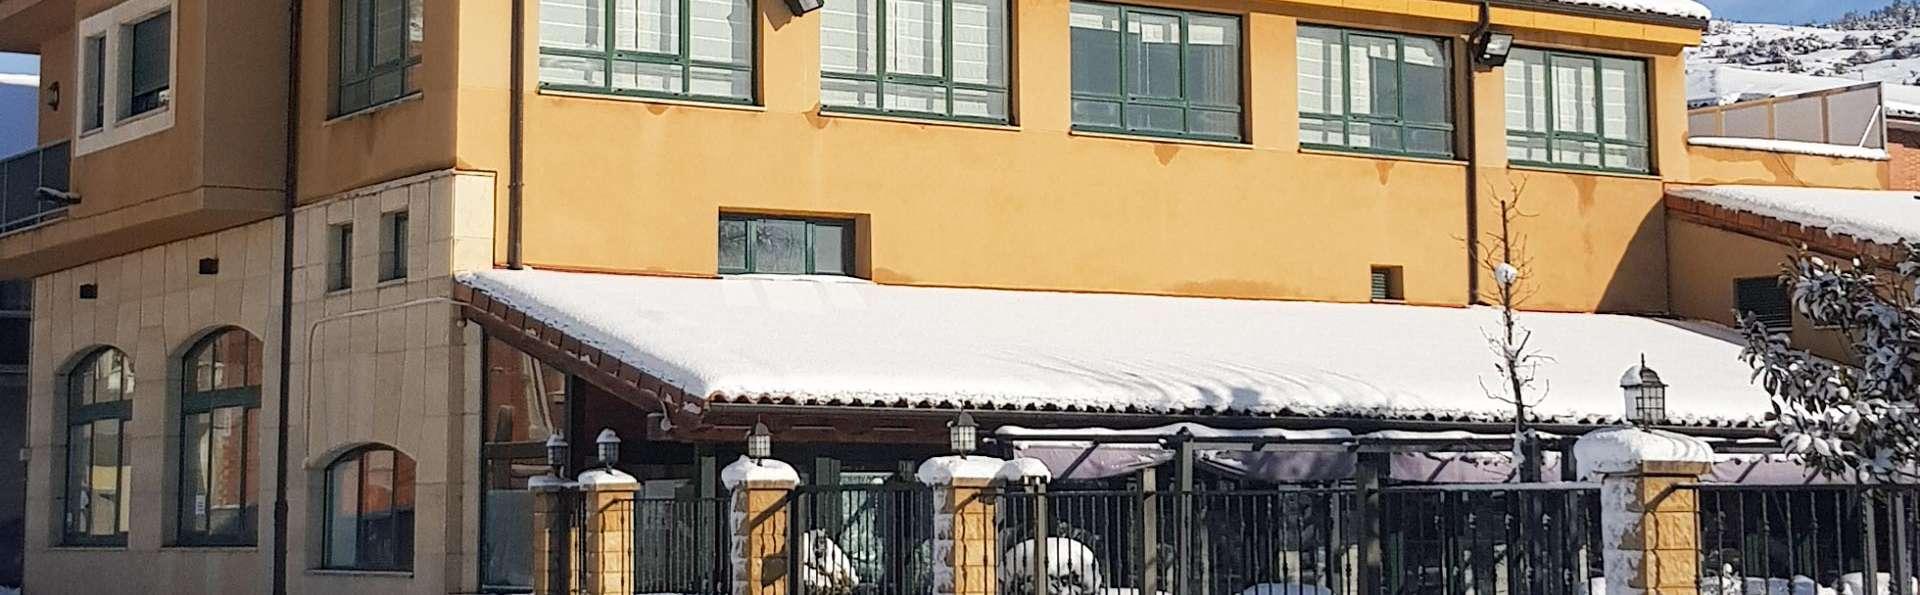 Hotel Spa Puerta Vadinia - EDIT_FRONT_03.jpg